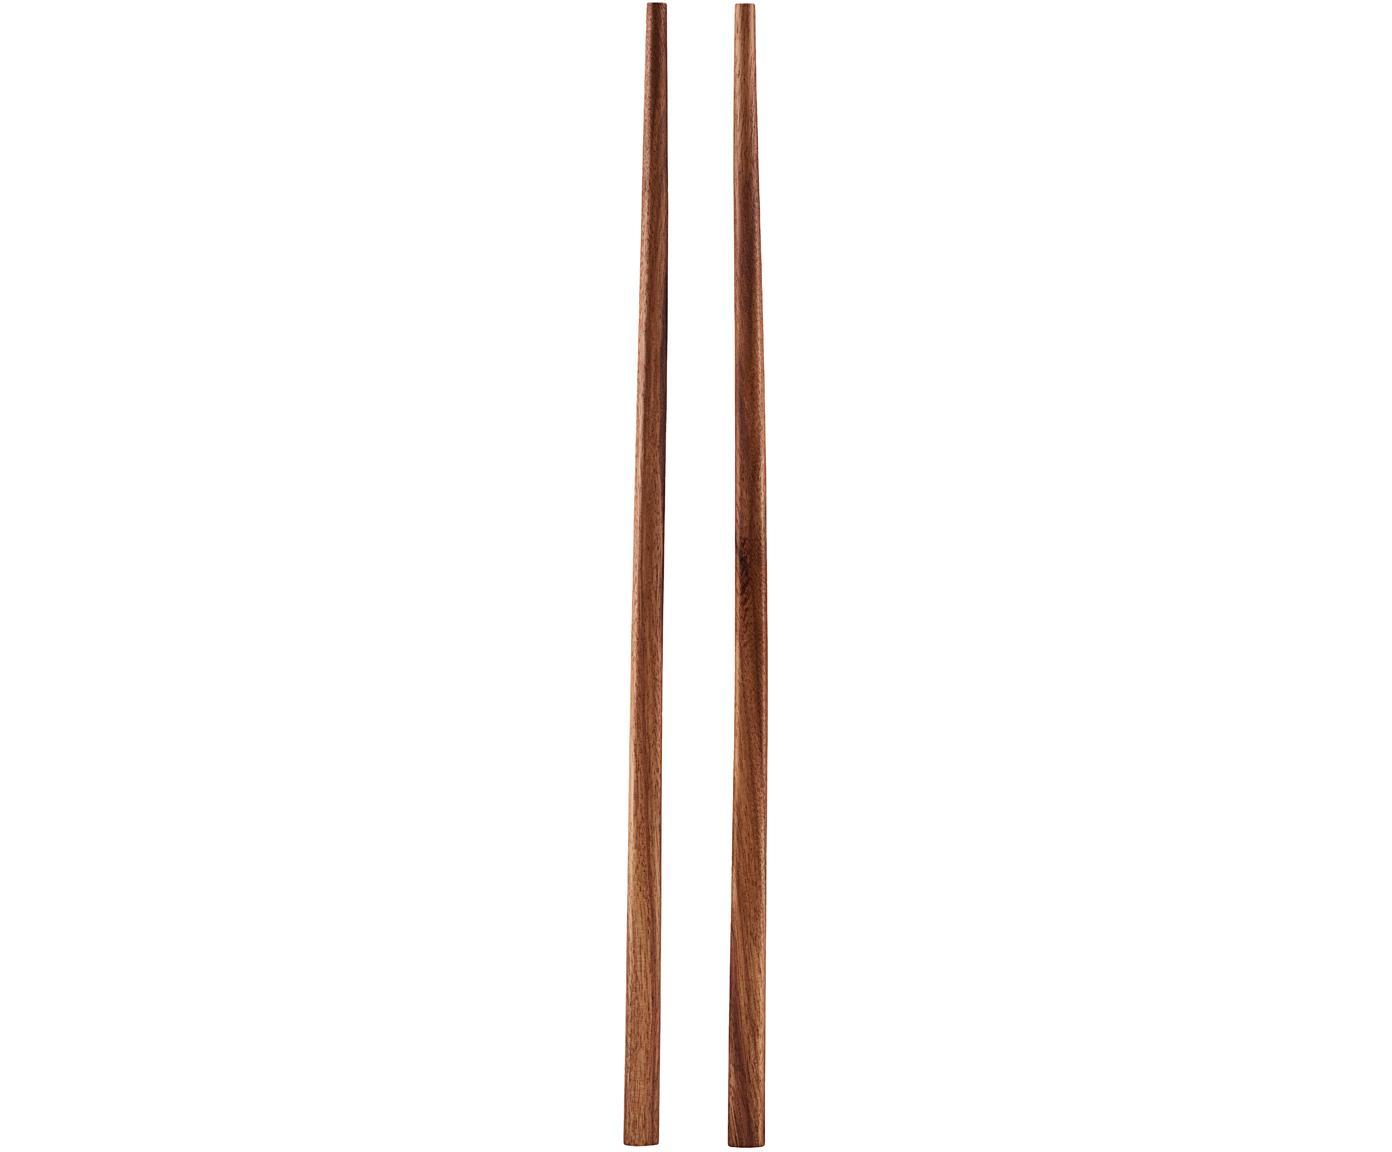 Palillos de madera Asia, 6uds., Madera de palawan, Madera, L 23 cm